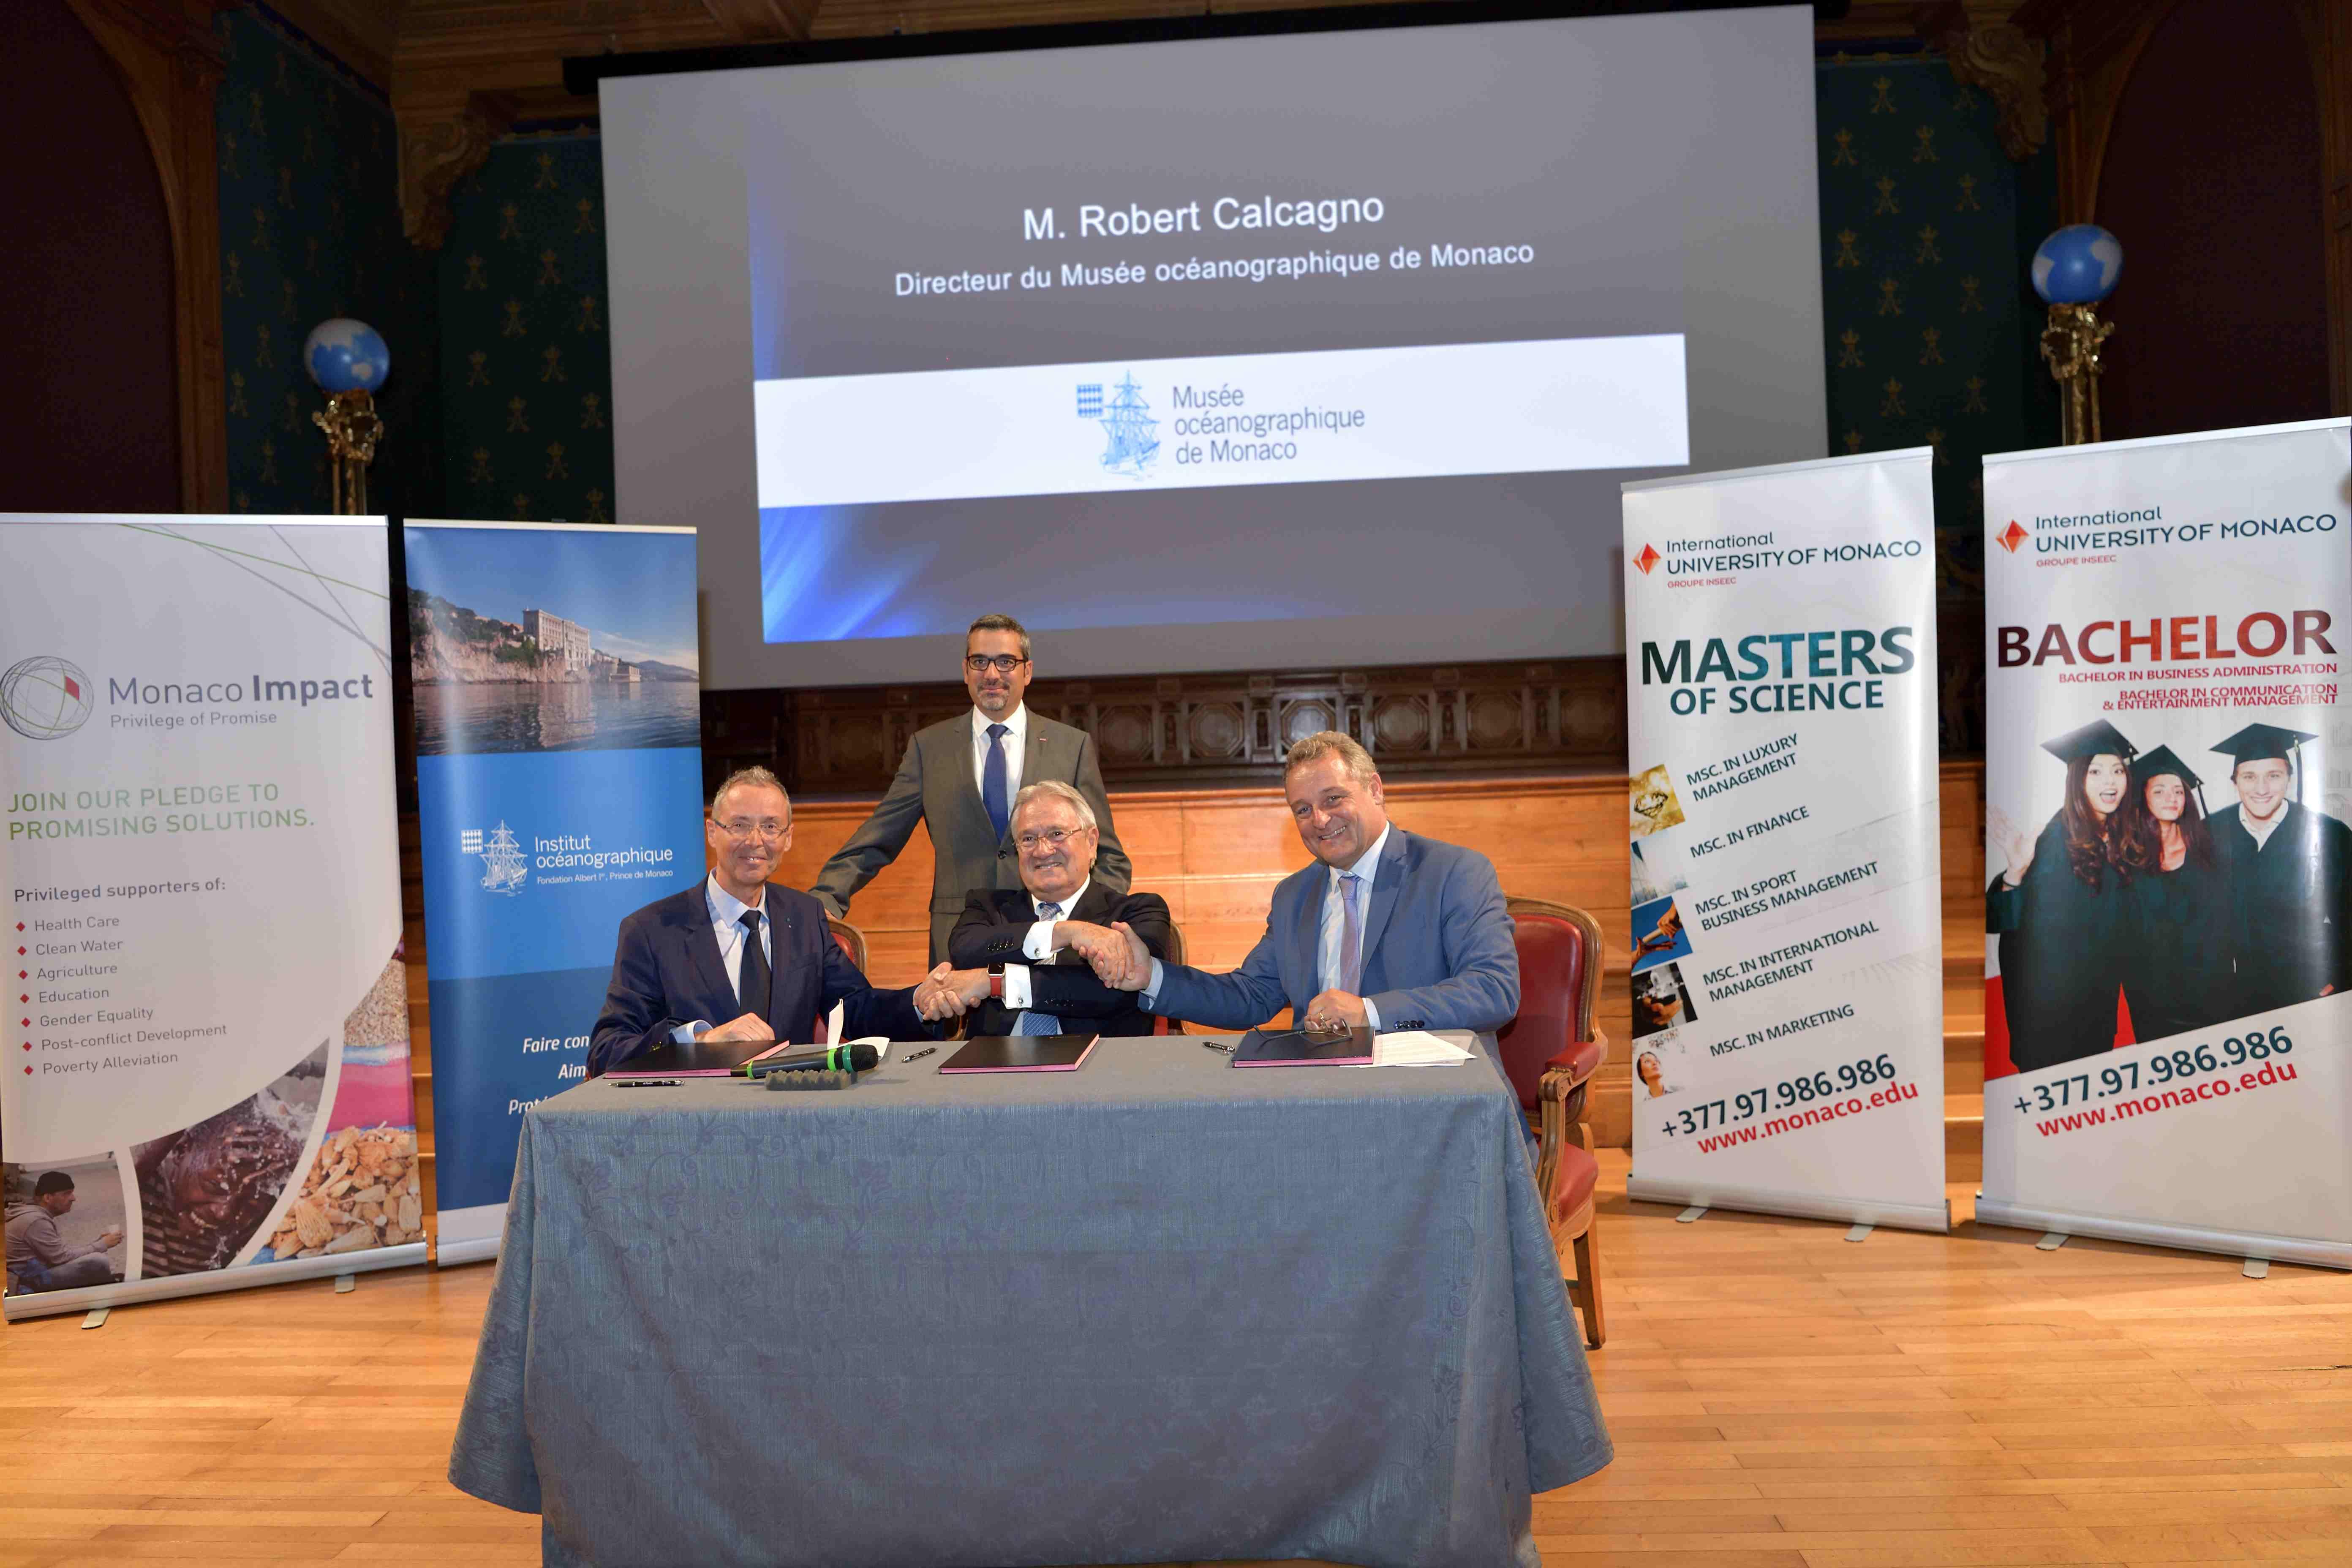 Международный Университет Монако запускает экологический проект